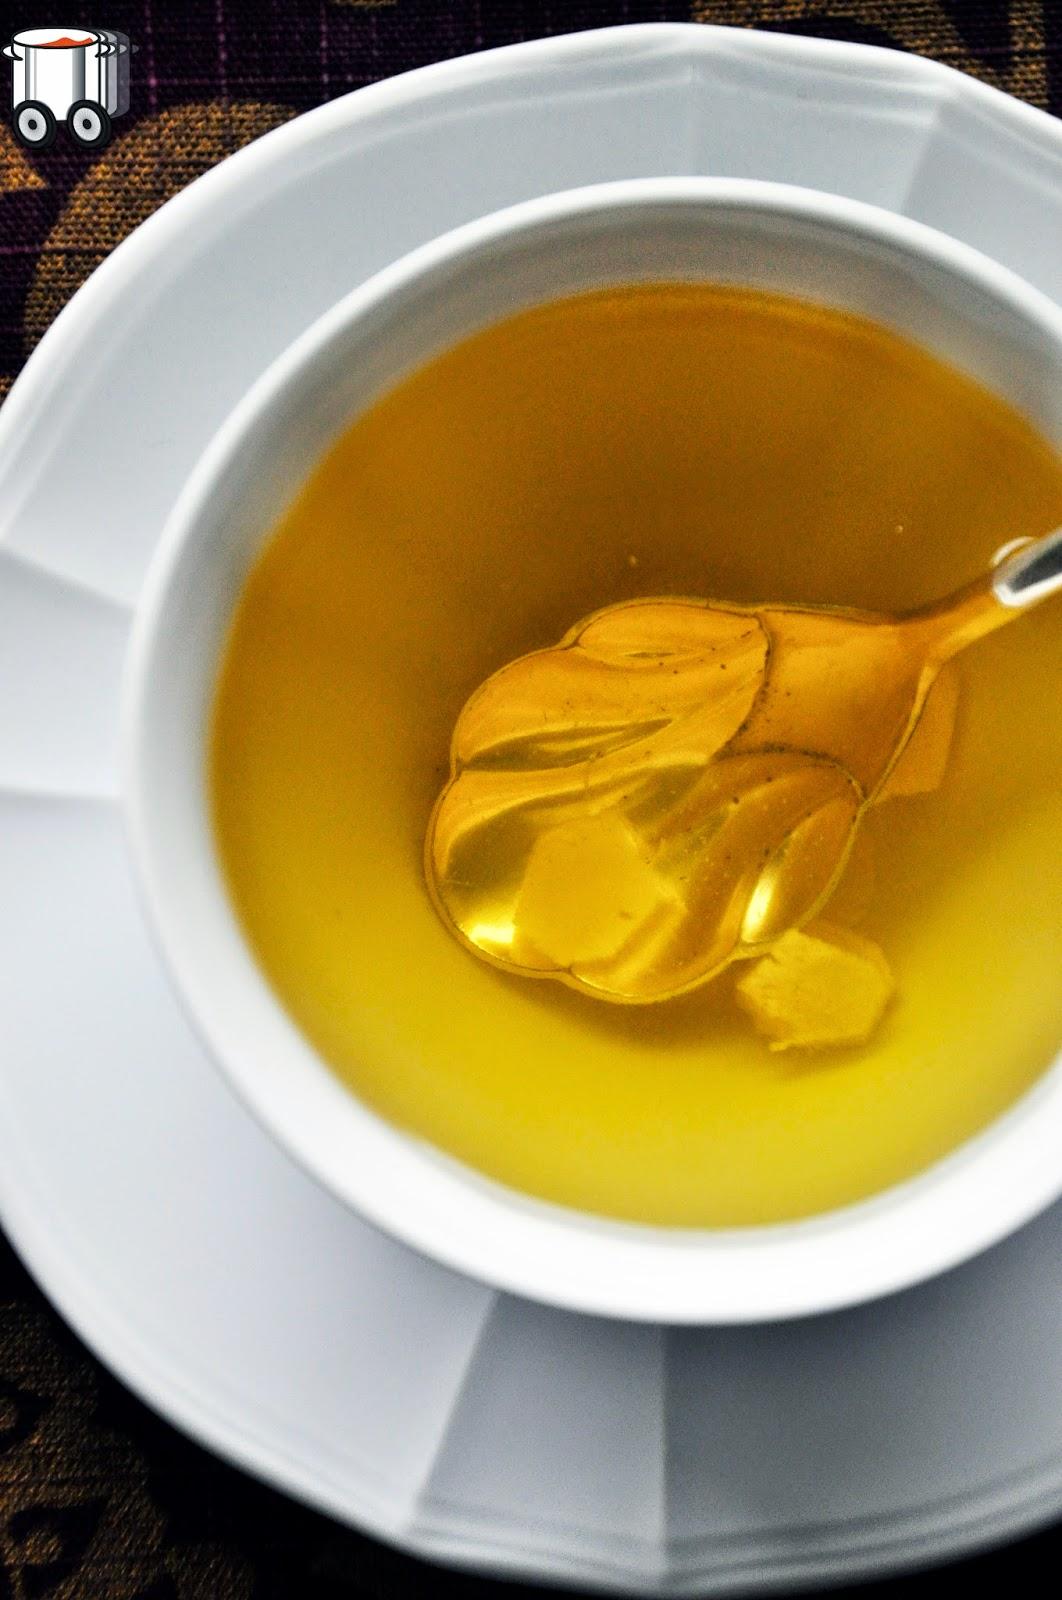 Szybko Tanio Smacznie - Rozgrzewająca herbata lipowa z  imbirem i konfiturą